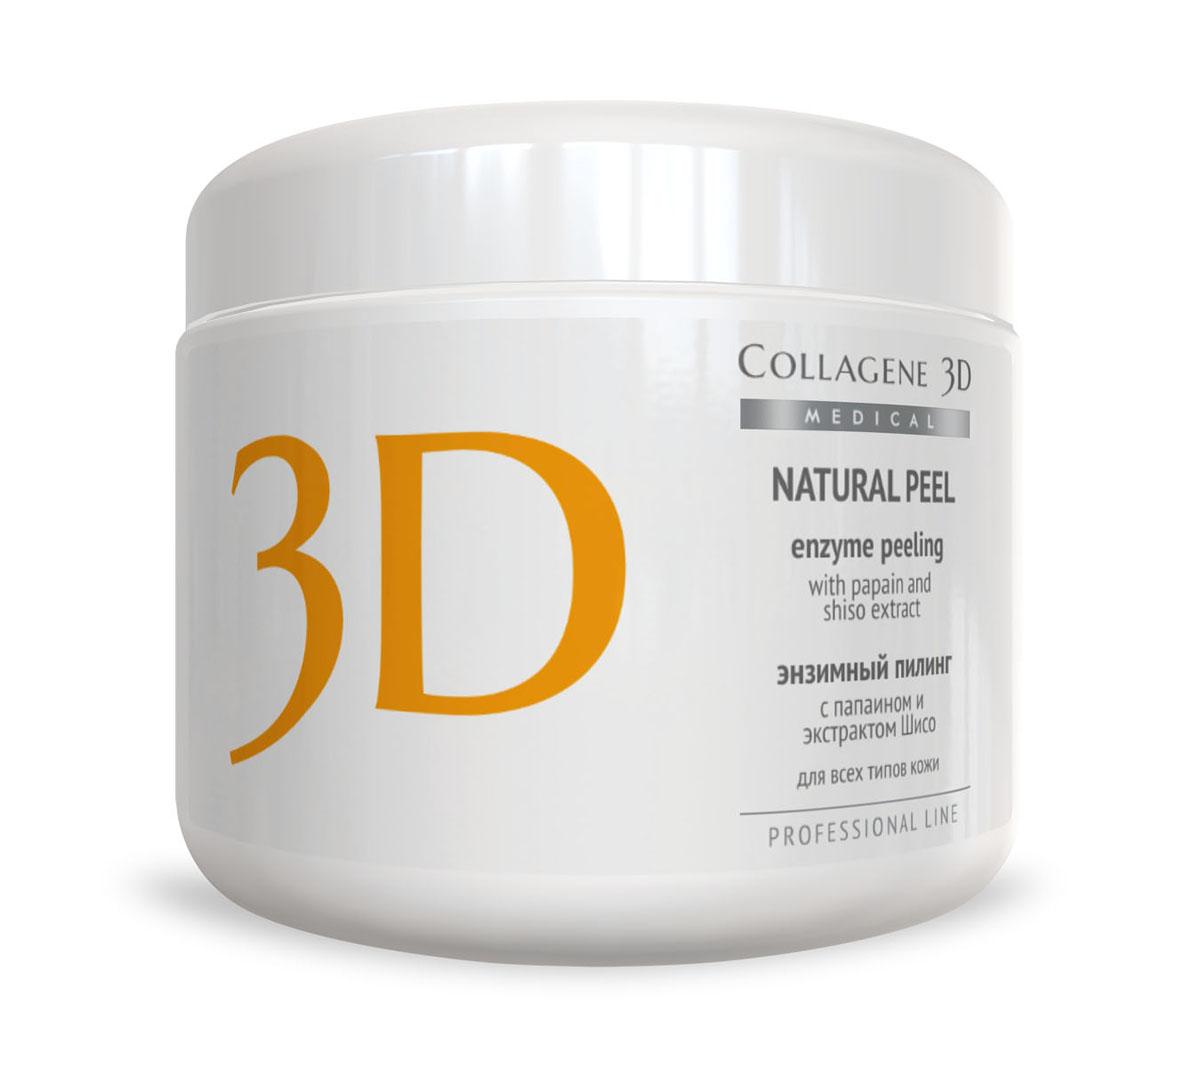 Medical Collagene 3D Пилинг ферментативный для лица Natural peel с папаином и шисо, 150 г40321Особенно рекомендуется применять для тусклой и уставшей кожи. Благодаря активным компонентам деликатно удаляют ороговевшие частицы, кожа становится чистой, цвет лица ровным и сияющим. Можно применять в любое время года.